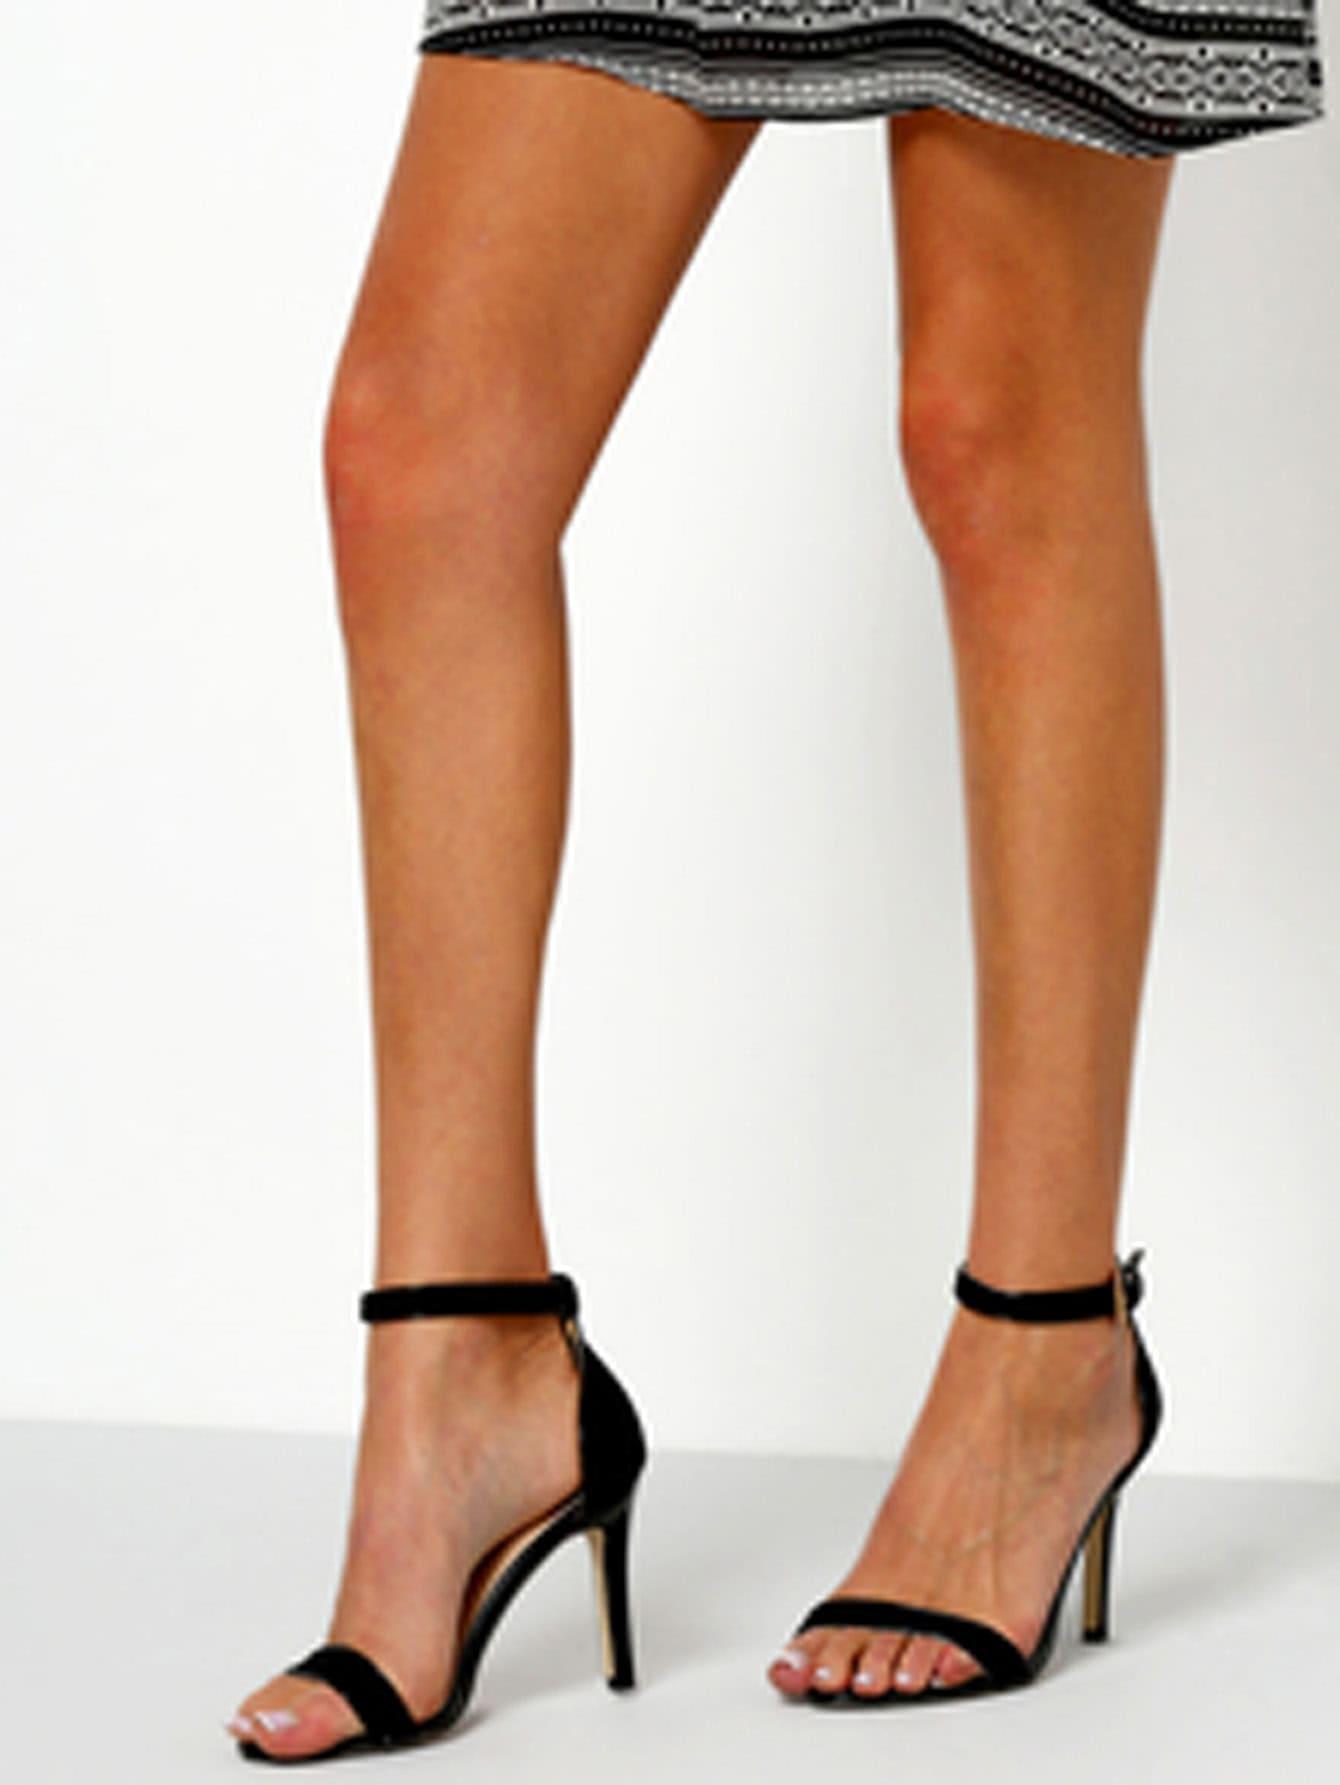 Black Ankle Strap Stiletto Sandals shoes160722823